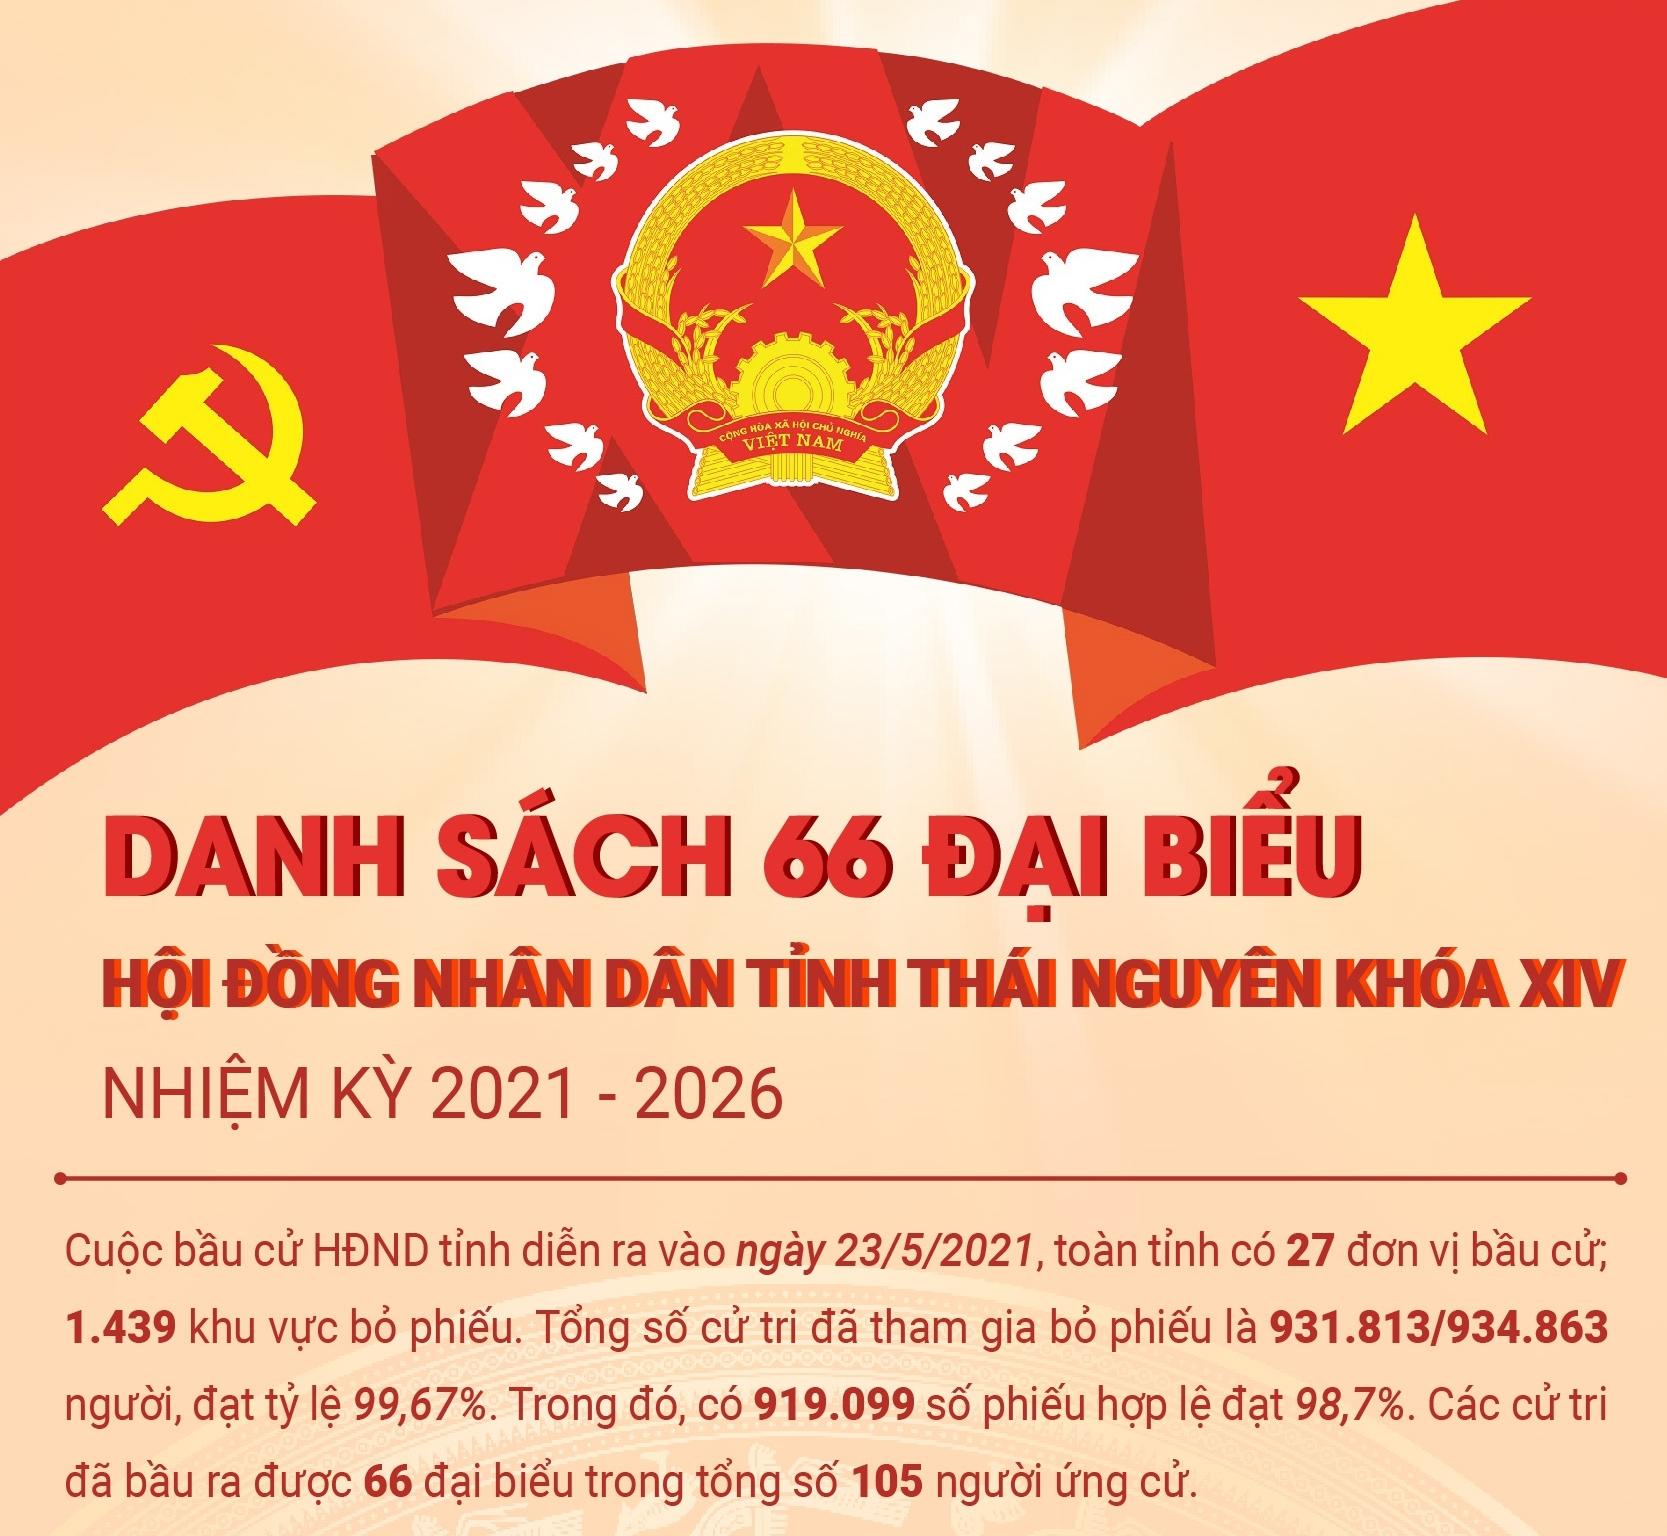 [Infographics]: Danh sách đại biểu Hội đồng nhân dân tỉnh Thái Nguyên khóa XIV, nhiệm kỳ 2021-2026